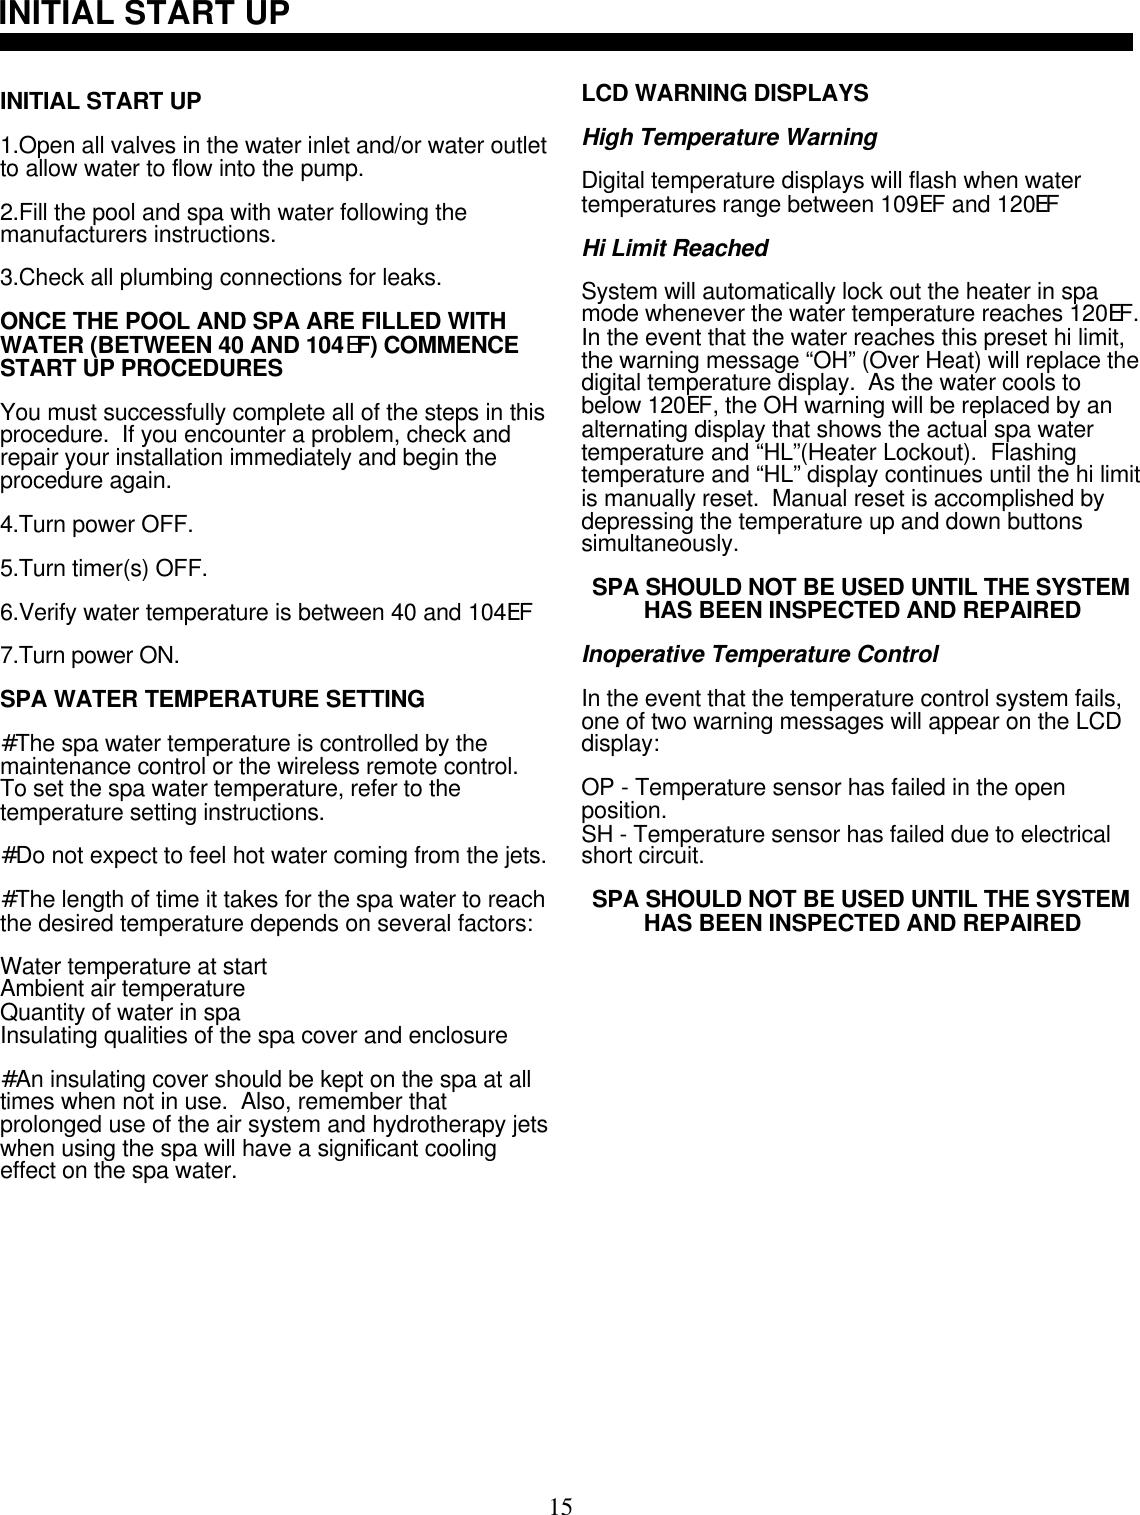 control system documentation pdf